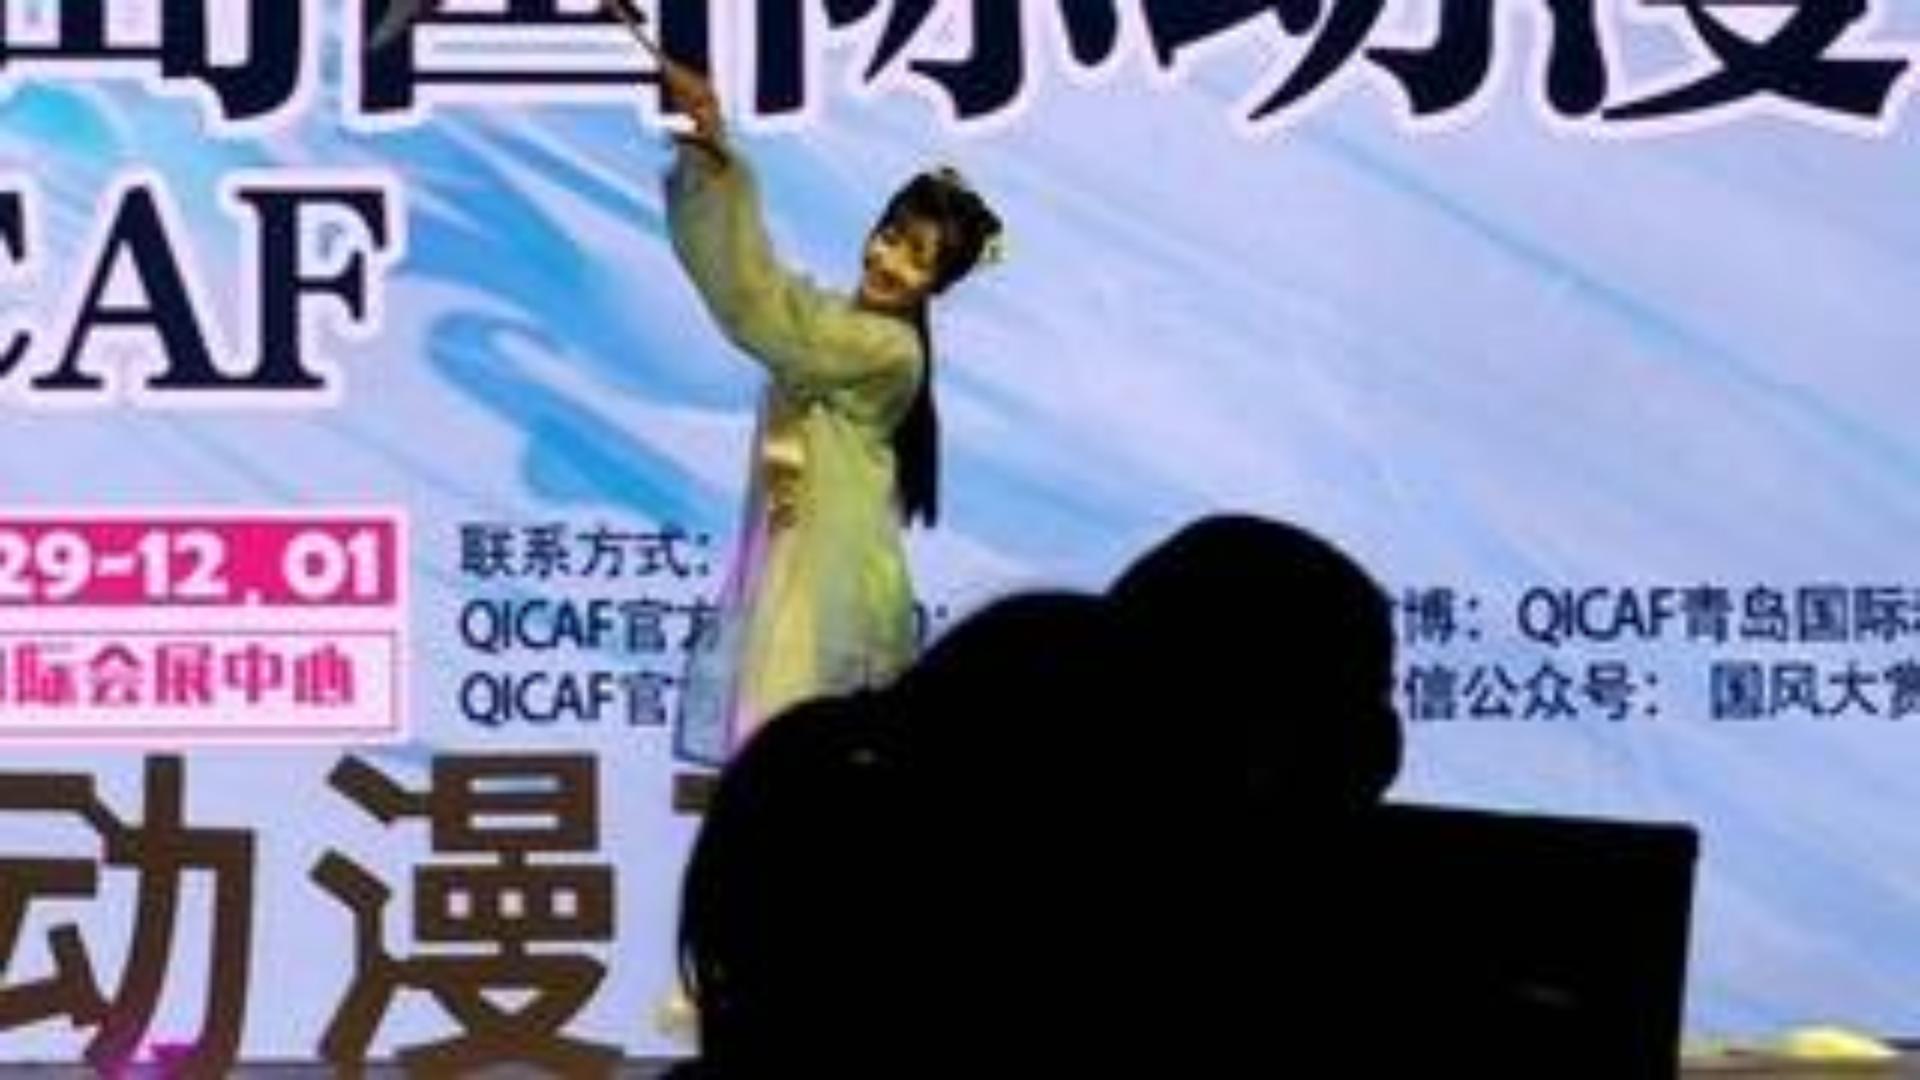 【紫颜】 烟雨行舟 青岛漫展现场版(20191201 QICAF)